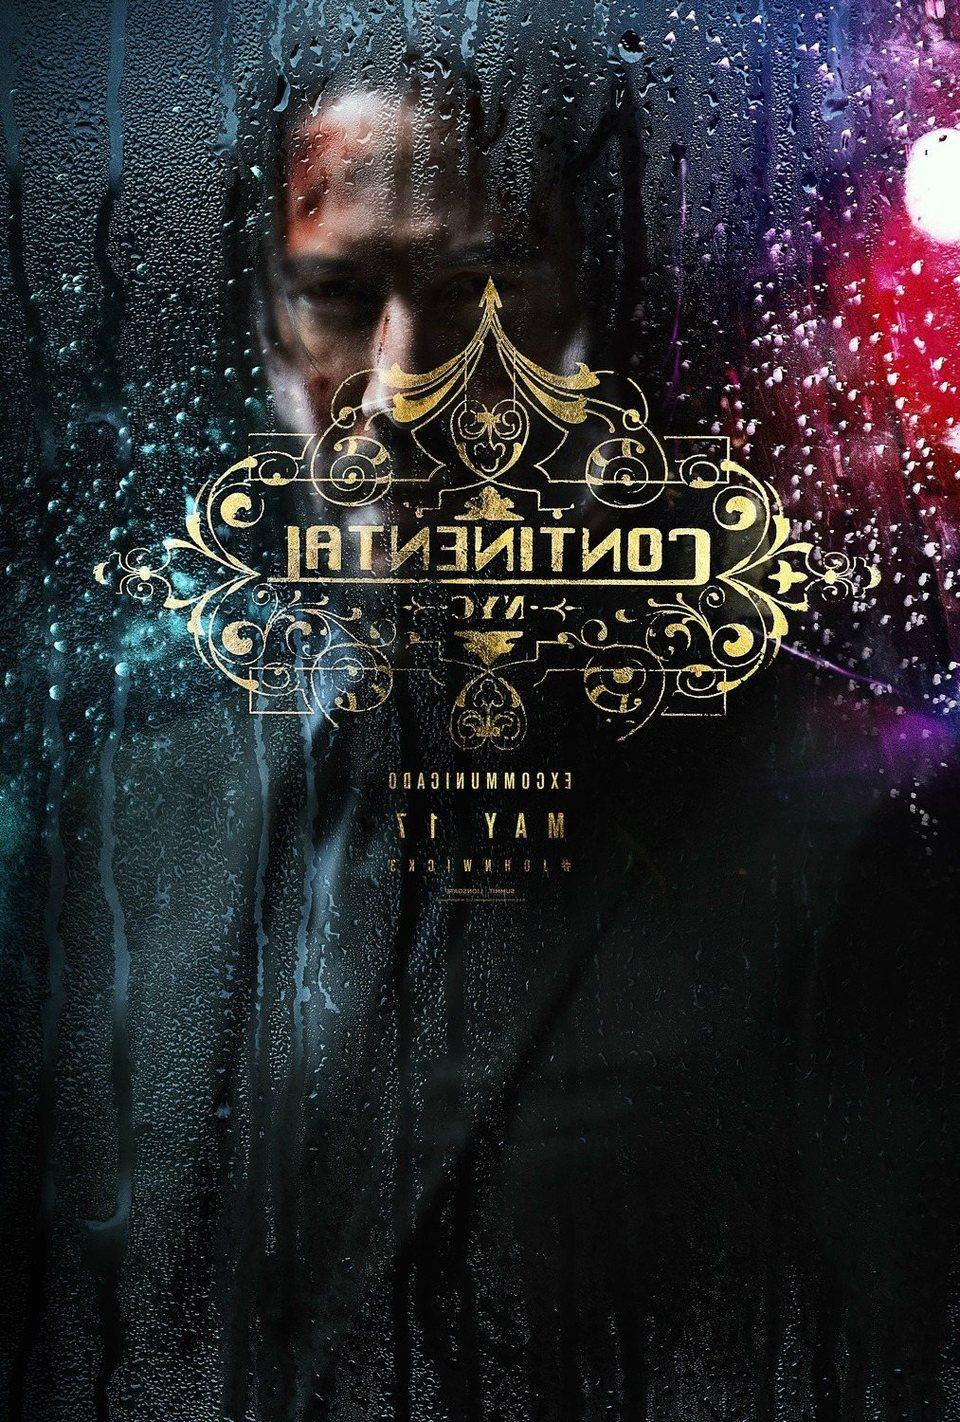 Cartel Teaser Poster 'John Wick 3: Parabellum' #2 de 'John Wick: Capítulo 3 - Parabellum'